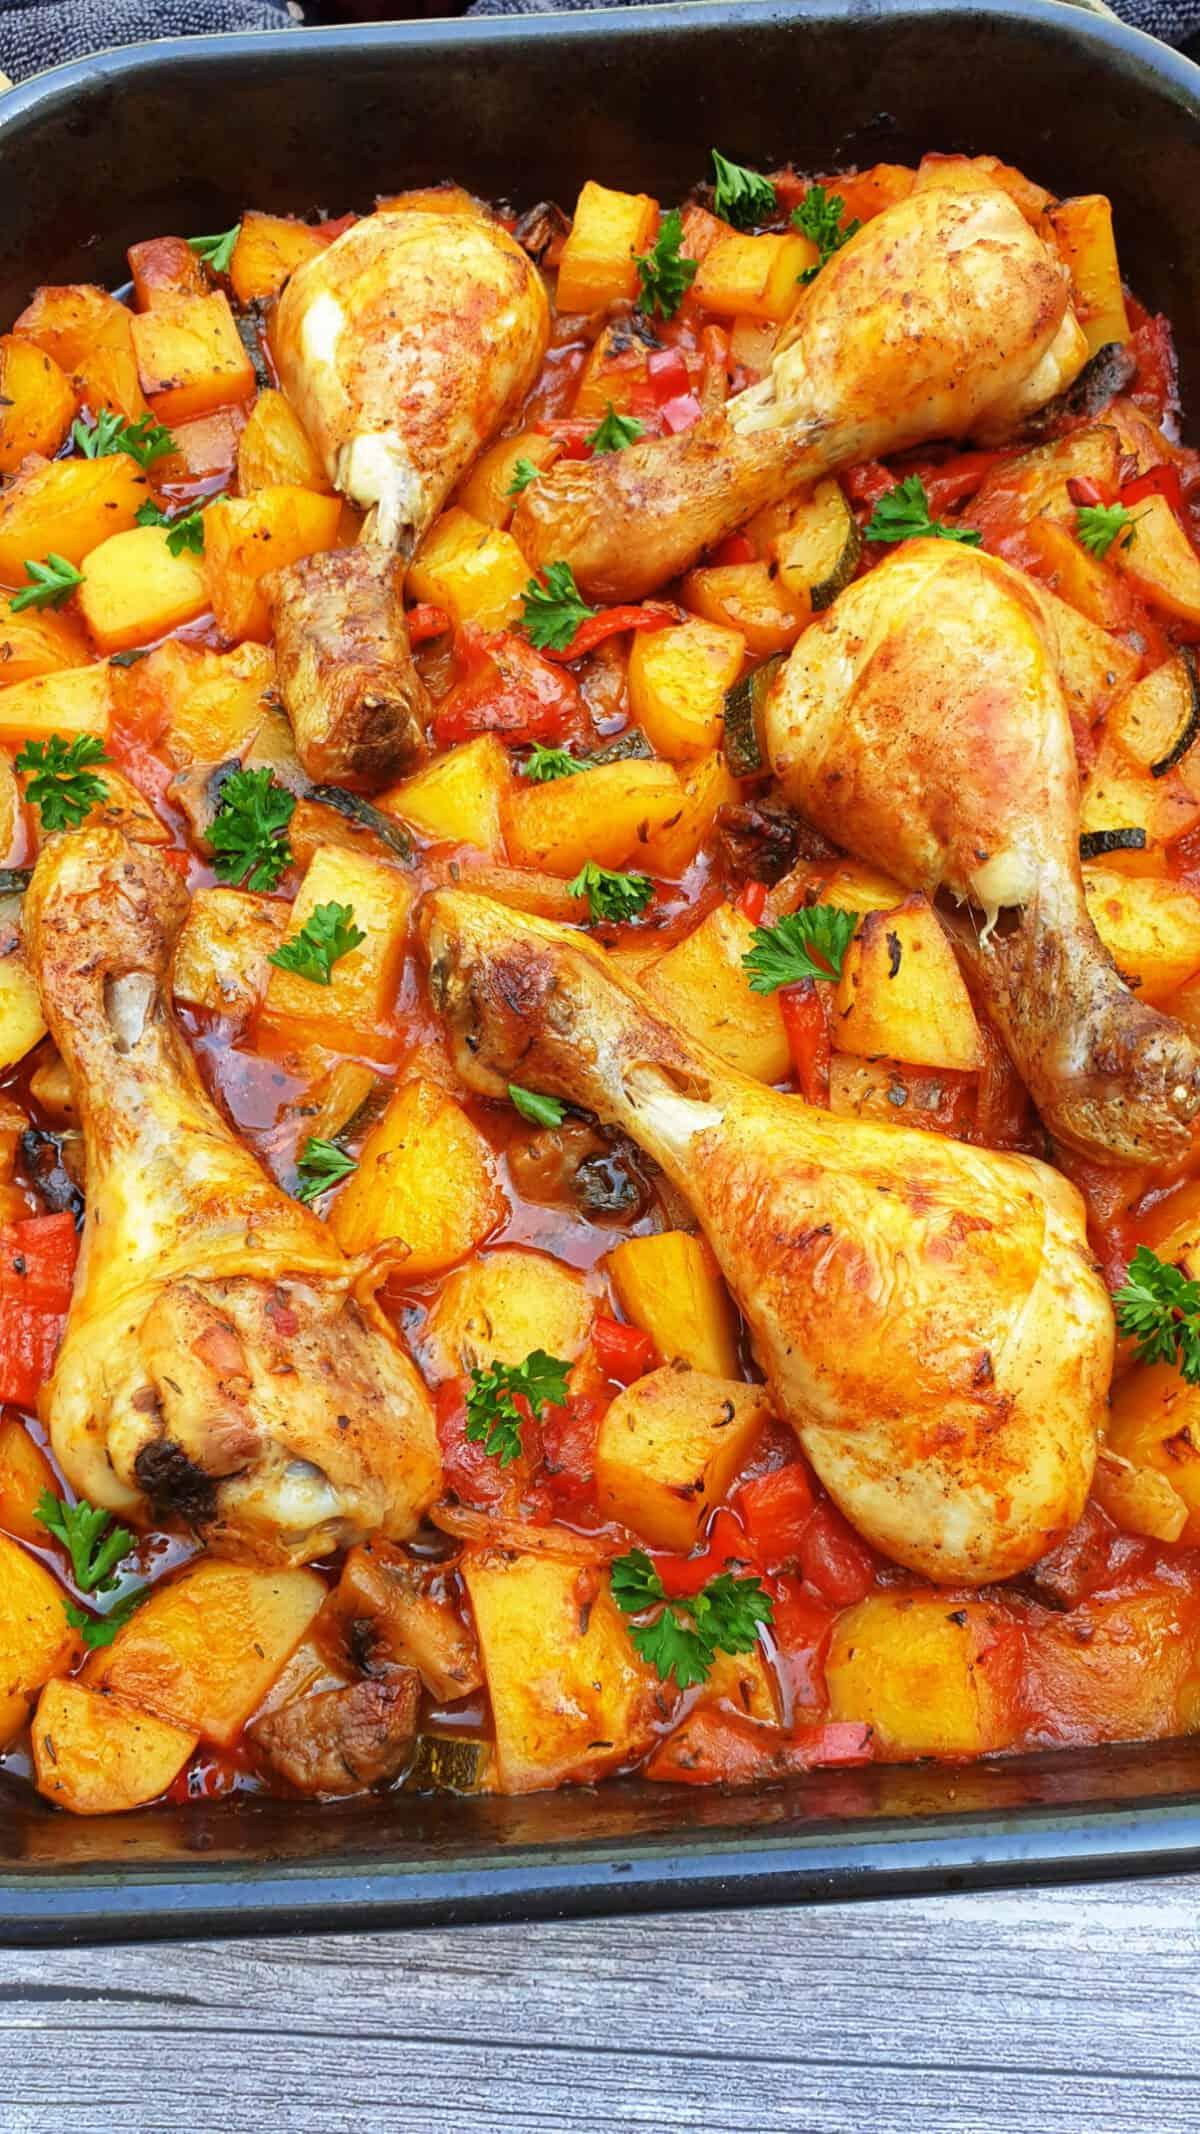 In einer dunklen Auflaufform Hähnchenunterkeulen mit Kartoffeln und Tomatensoße.